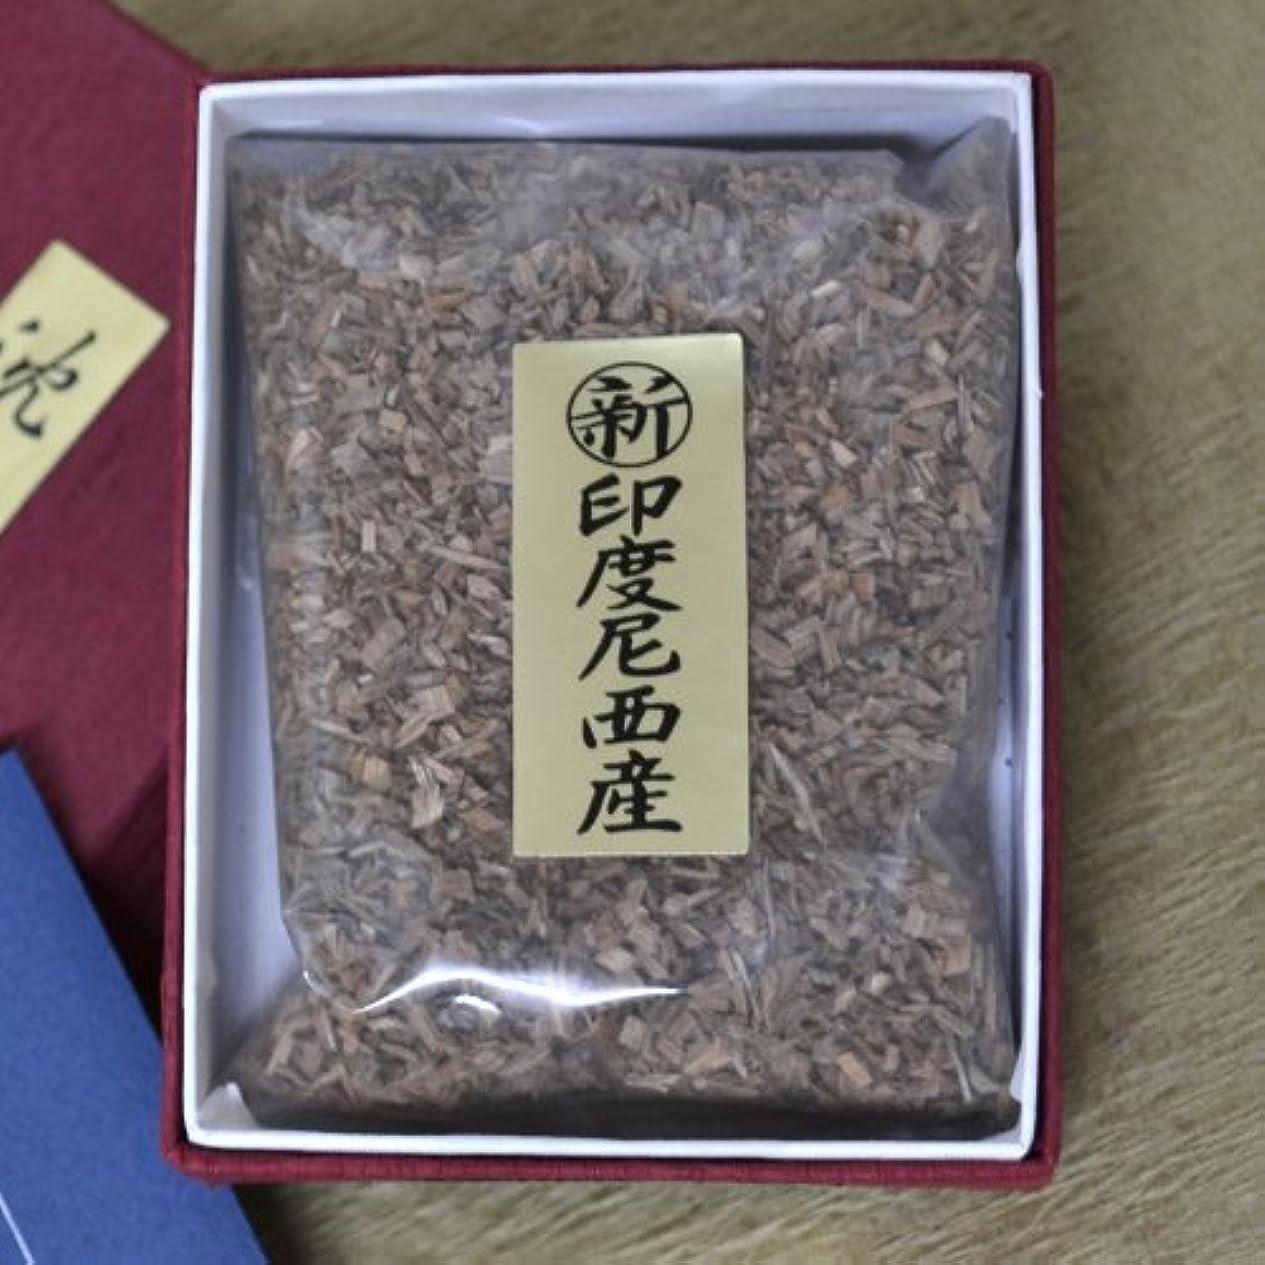 湿気の多い鋼繁雑香木 お焼香 新インドネシア産 沈香 【最高級品】 18g